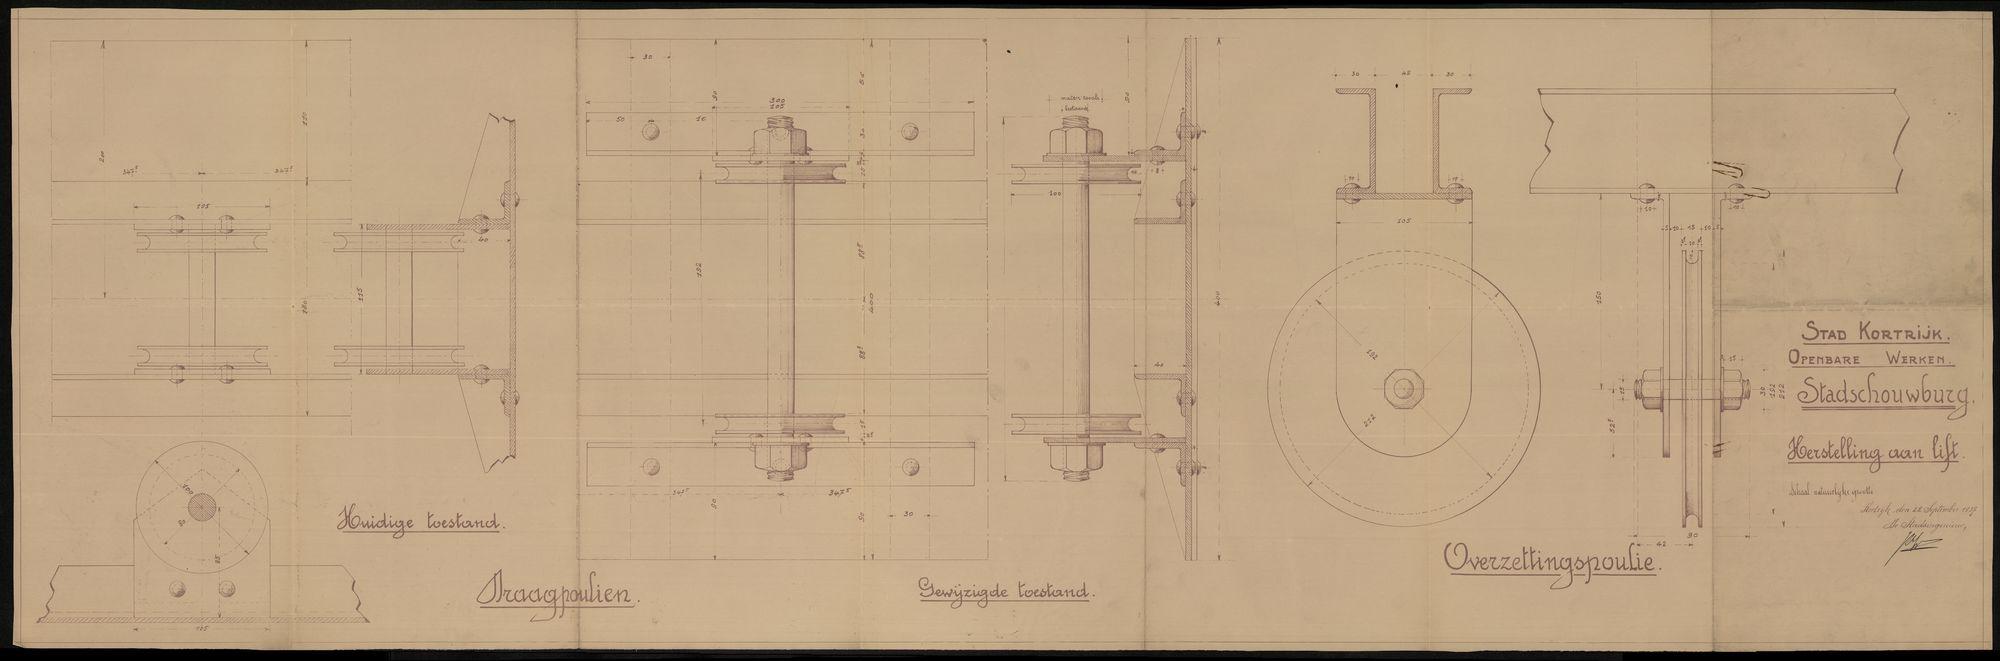 Bouwplan van de herstelling van de lift van de stadsschouwburg te Kortrijk, 1937.